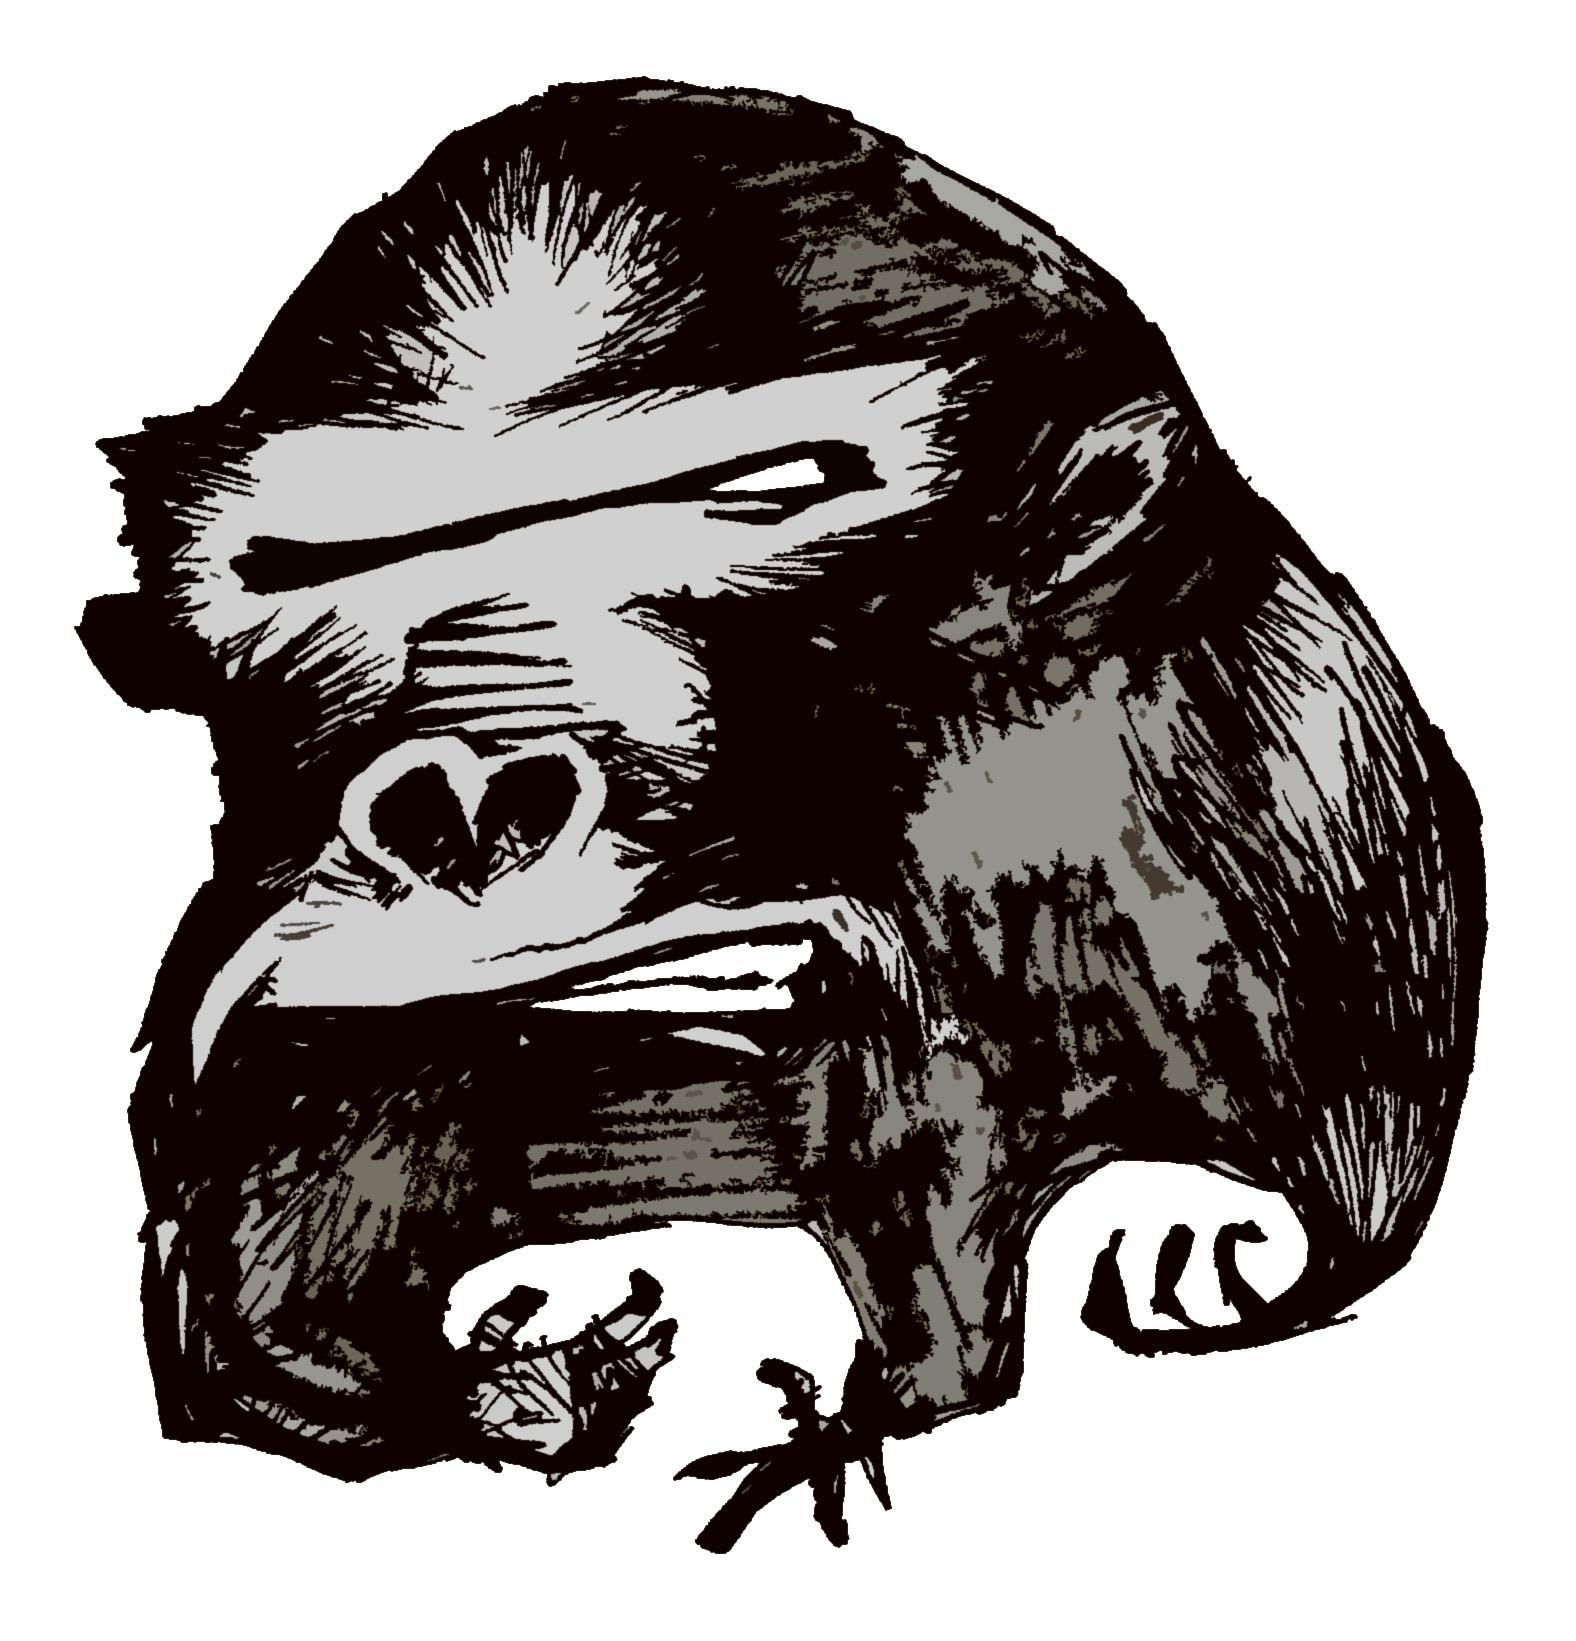 Håkan Eklund interpretes Biohazard Gorillas